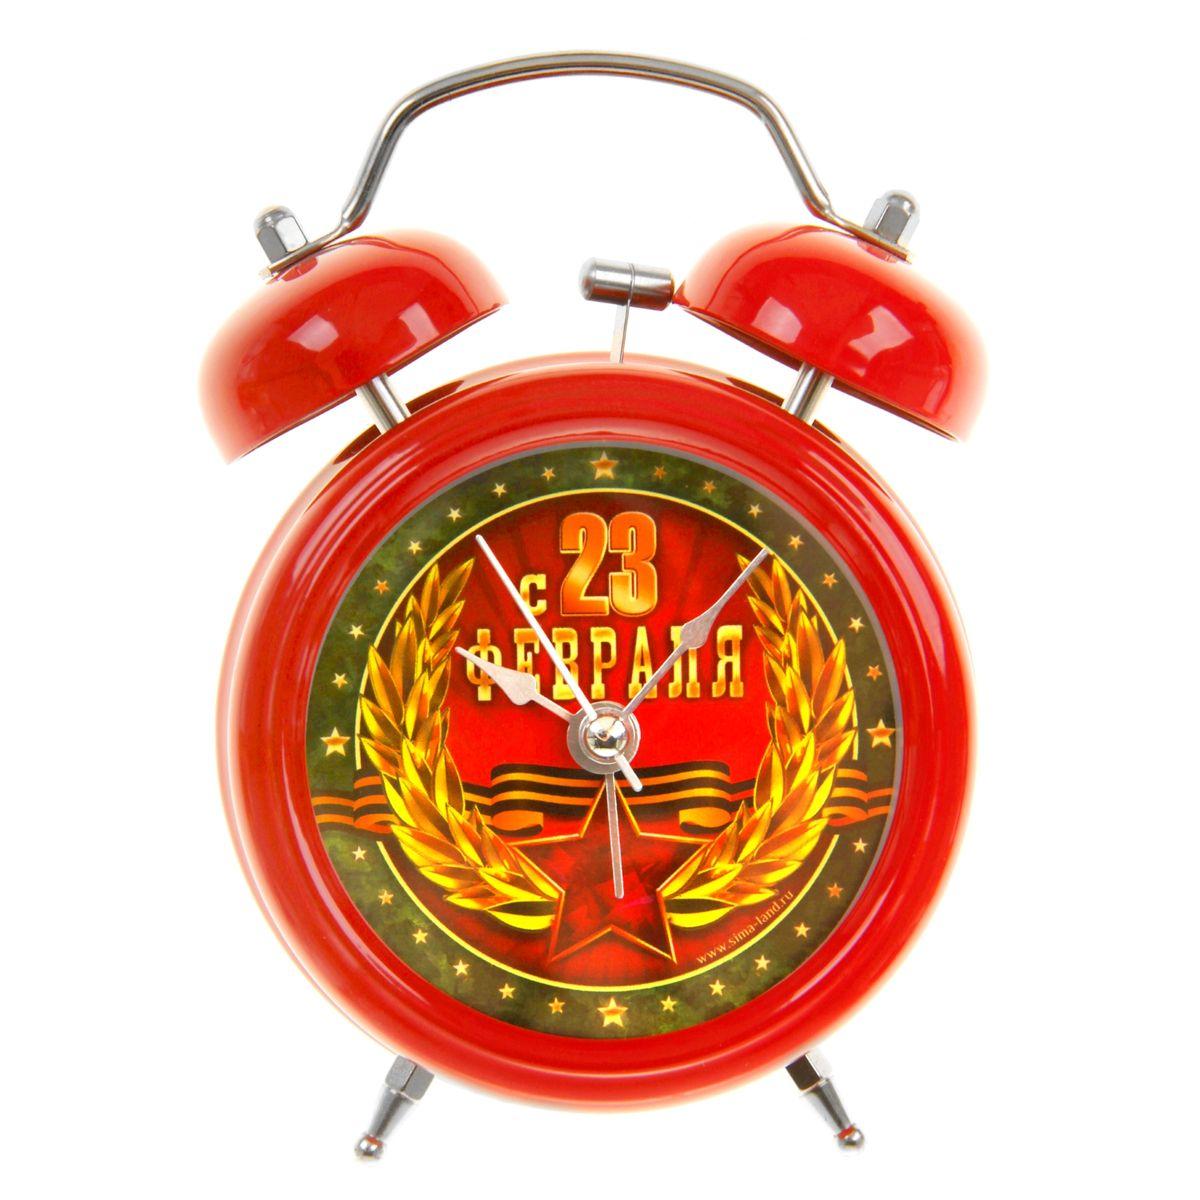 Часы-будильник Sima-land С 23 февраля. 83967315117058Как же сложно иногда вставать вовремя! Всегда так хочется поспать еще хотя бы 5 минут и бывает, что мы просыпаем. Теперь этого не случится! Яркий, оригинальный будильник Sima-land С 23 февраля поможет вам всегда вставать в нужное время и успевать везде и всюду. Время показывает точно и будит в установленный час. Такой будильник станет прекрасным подарком.На задней панели будильника расположены переключатель включения/выключения механизма, а также два колесика для настройки текущего времени и времени звонка будильника. Также будильник оснащен кнопкой, при нажатии и удержании которой, подсвечивается циферблат. Будильник работает от 1 батарейки типа AA напряжением 1,5V (не входит в комплект).